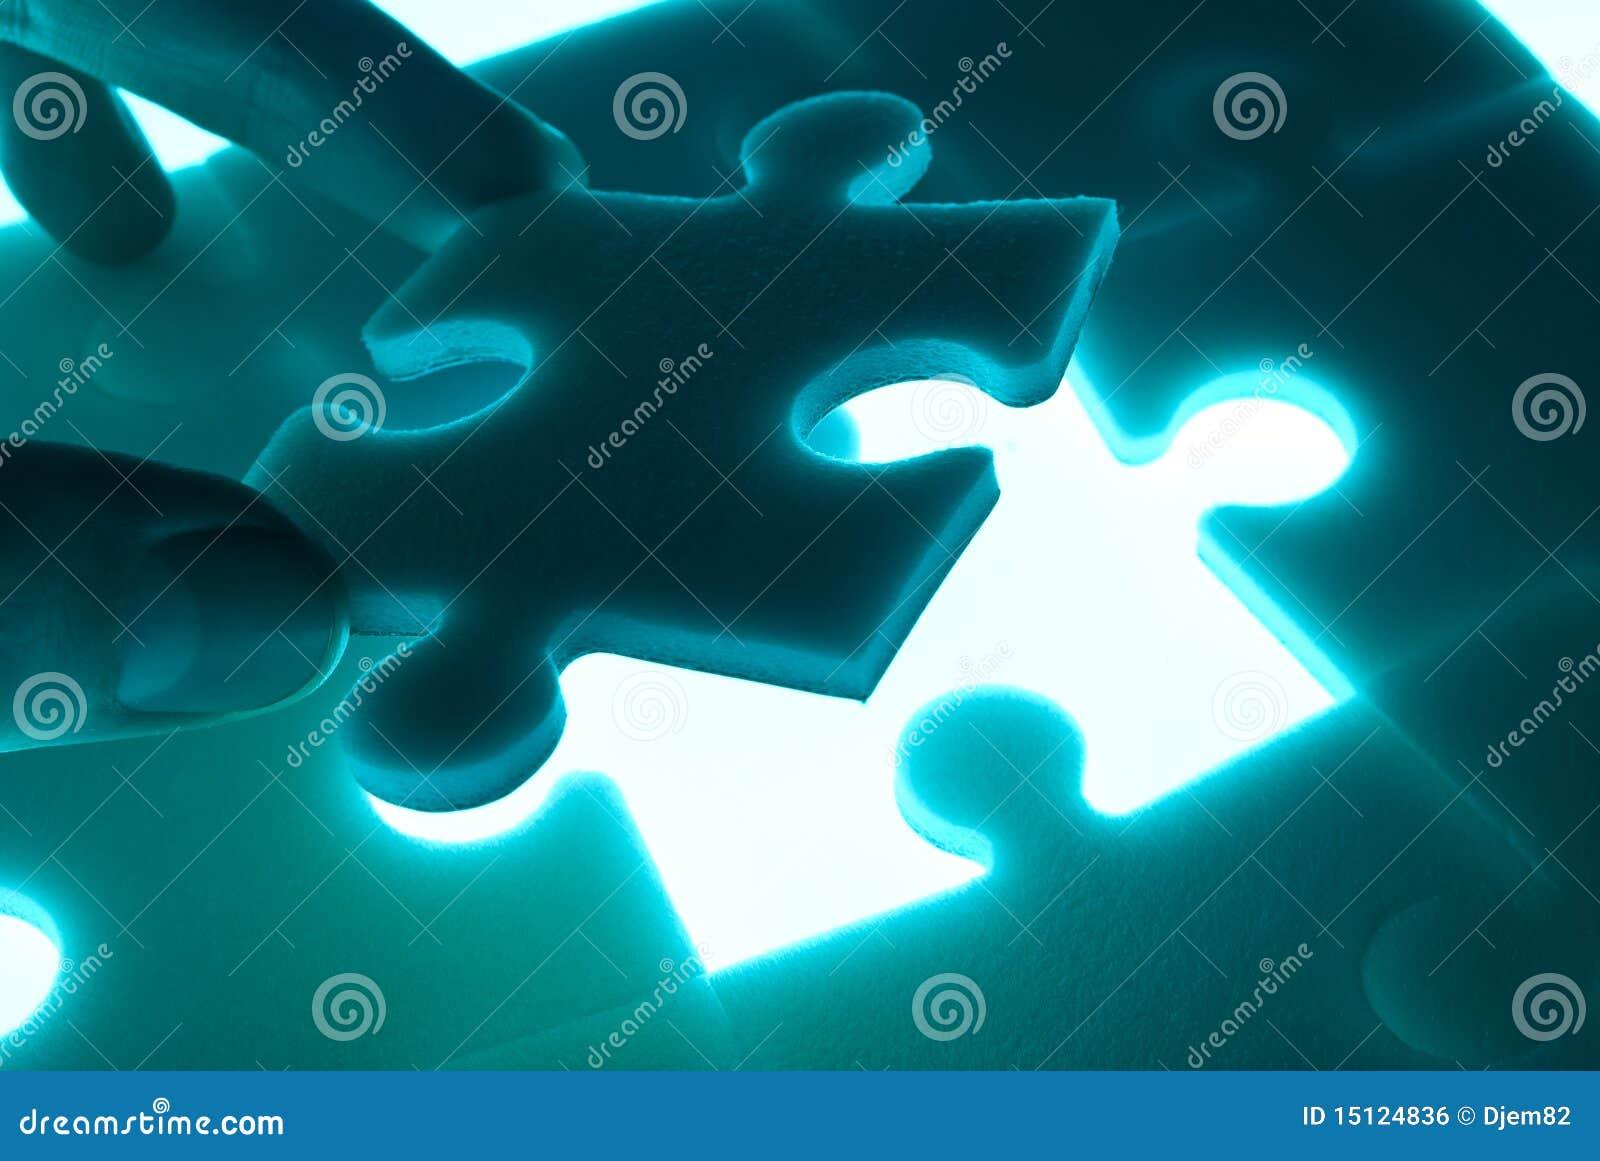 Puzzle immagine stock libera da diritti immagine 15124836 - Collegamento stampabile un puzzle pix ...